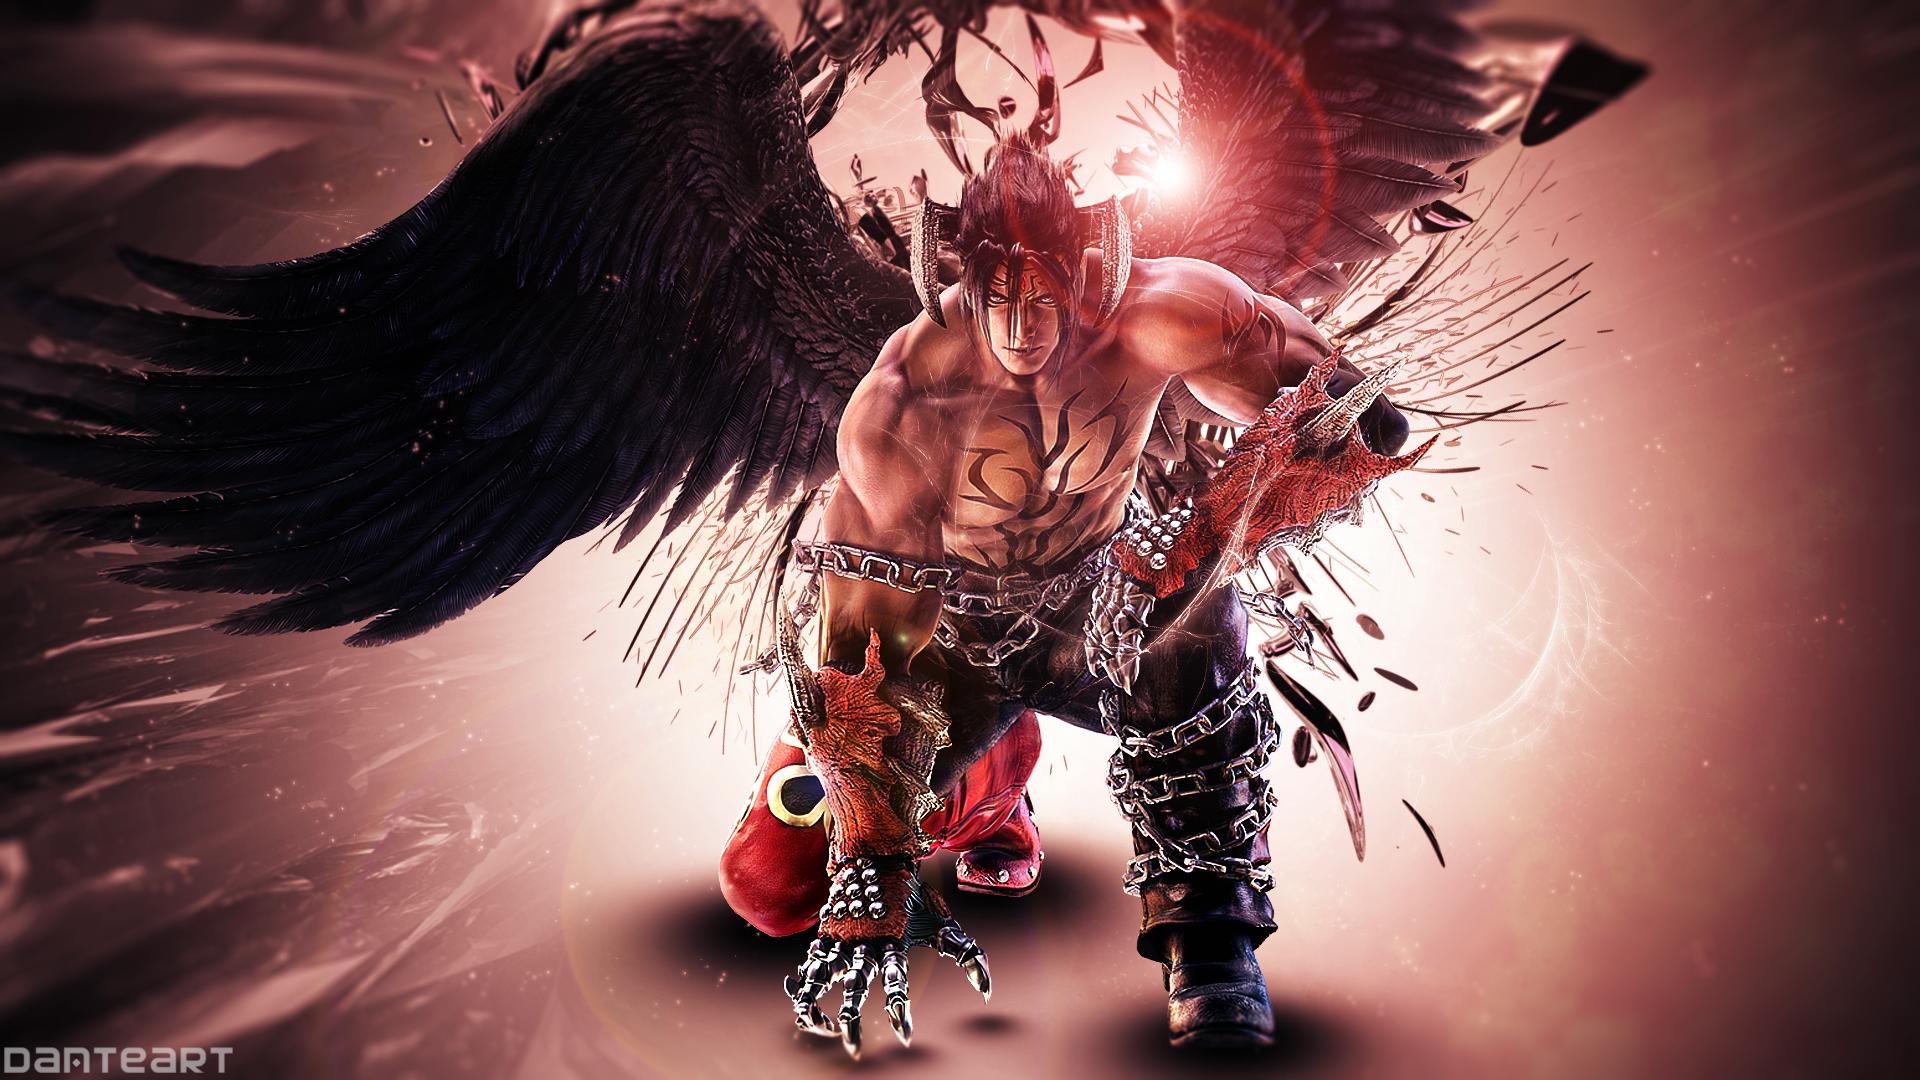 Tekken Tag 2 Devil Jin Wallpaper by DanteArtWallpapers 1920x1080